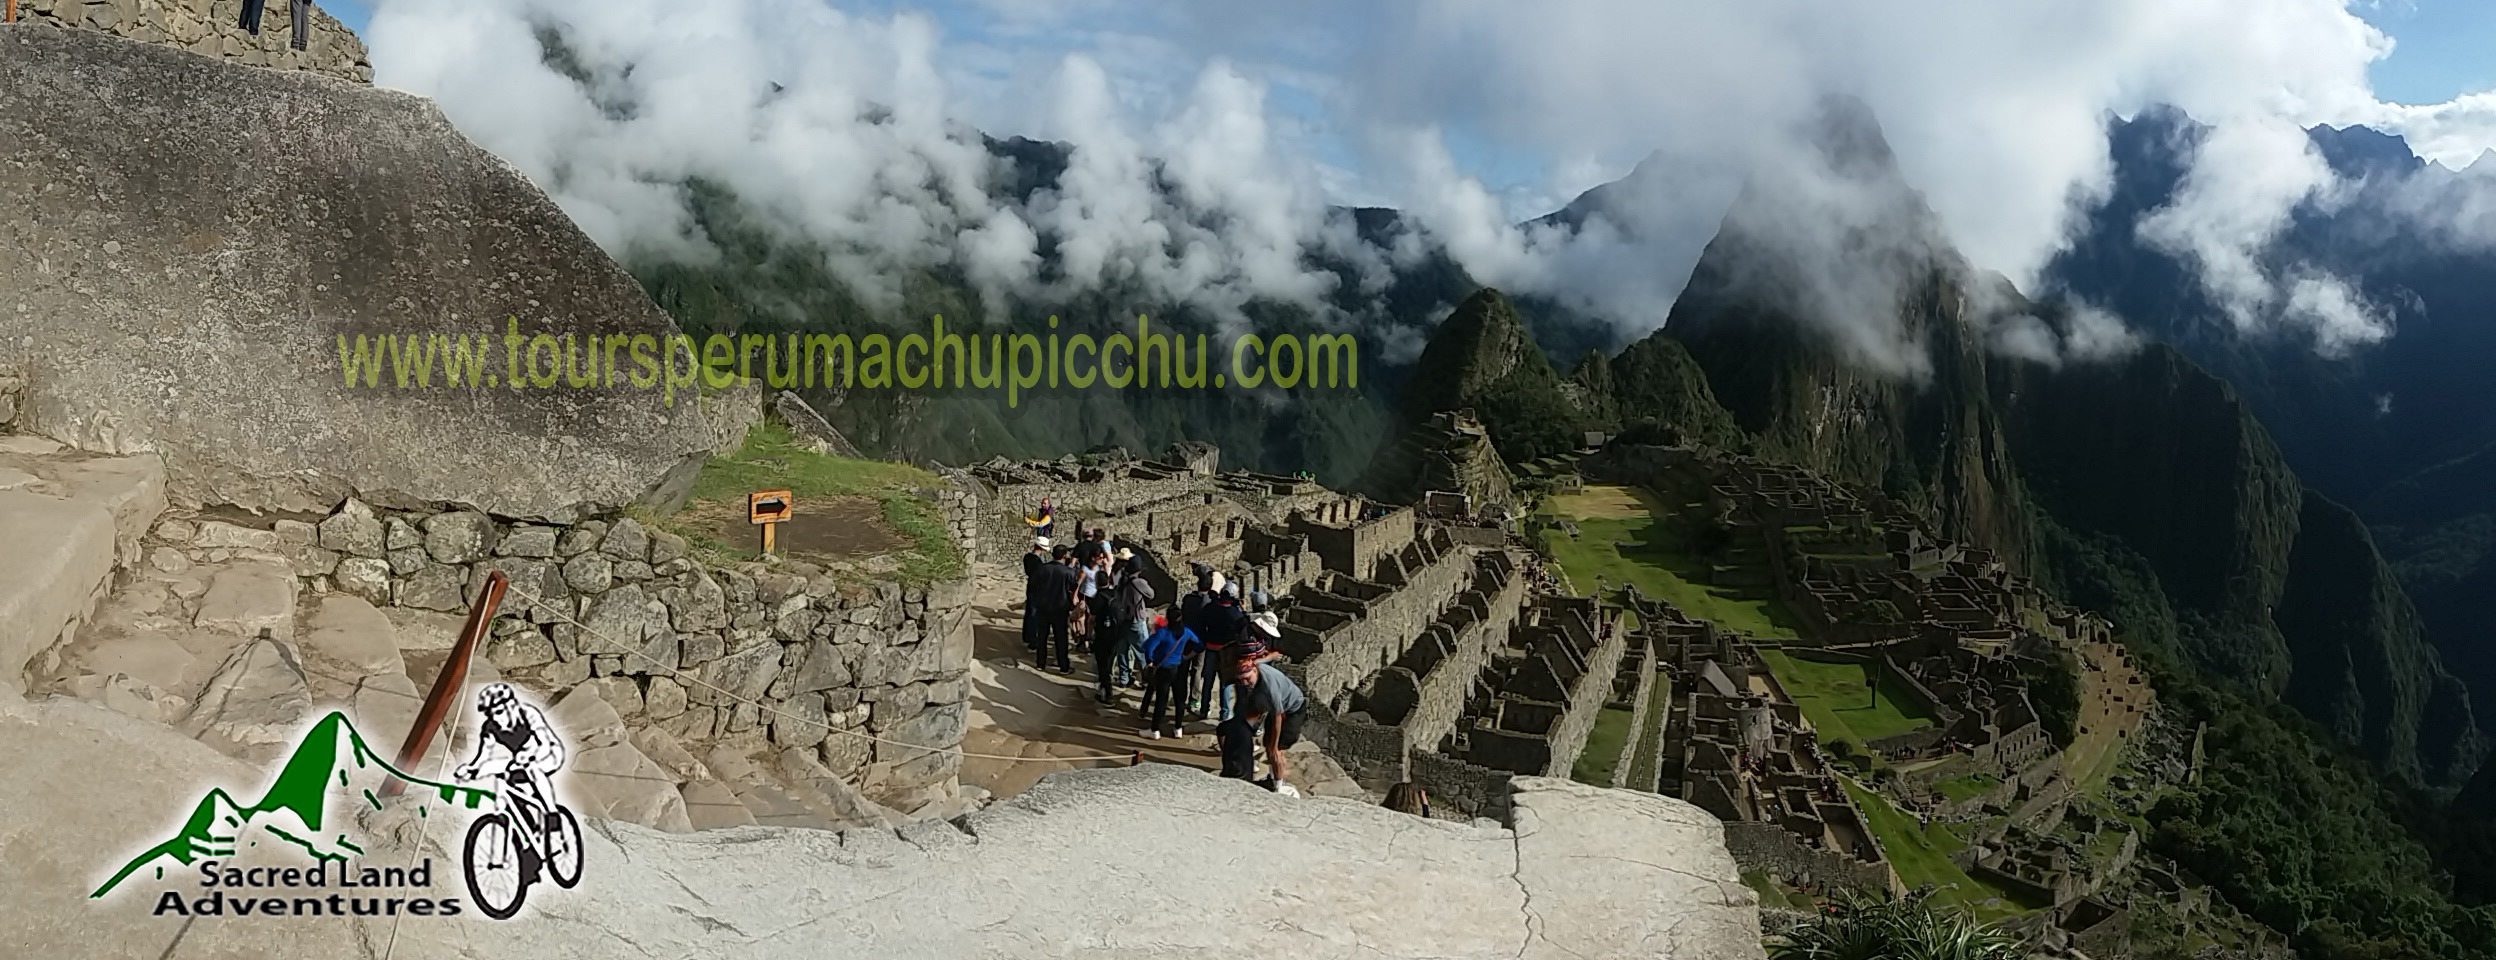 tours peru machupicchu huaynapicchu peru travel